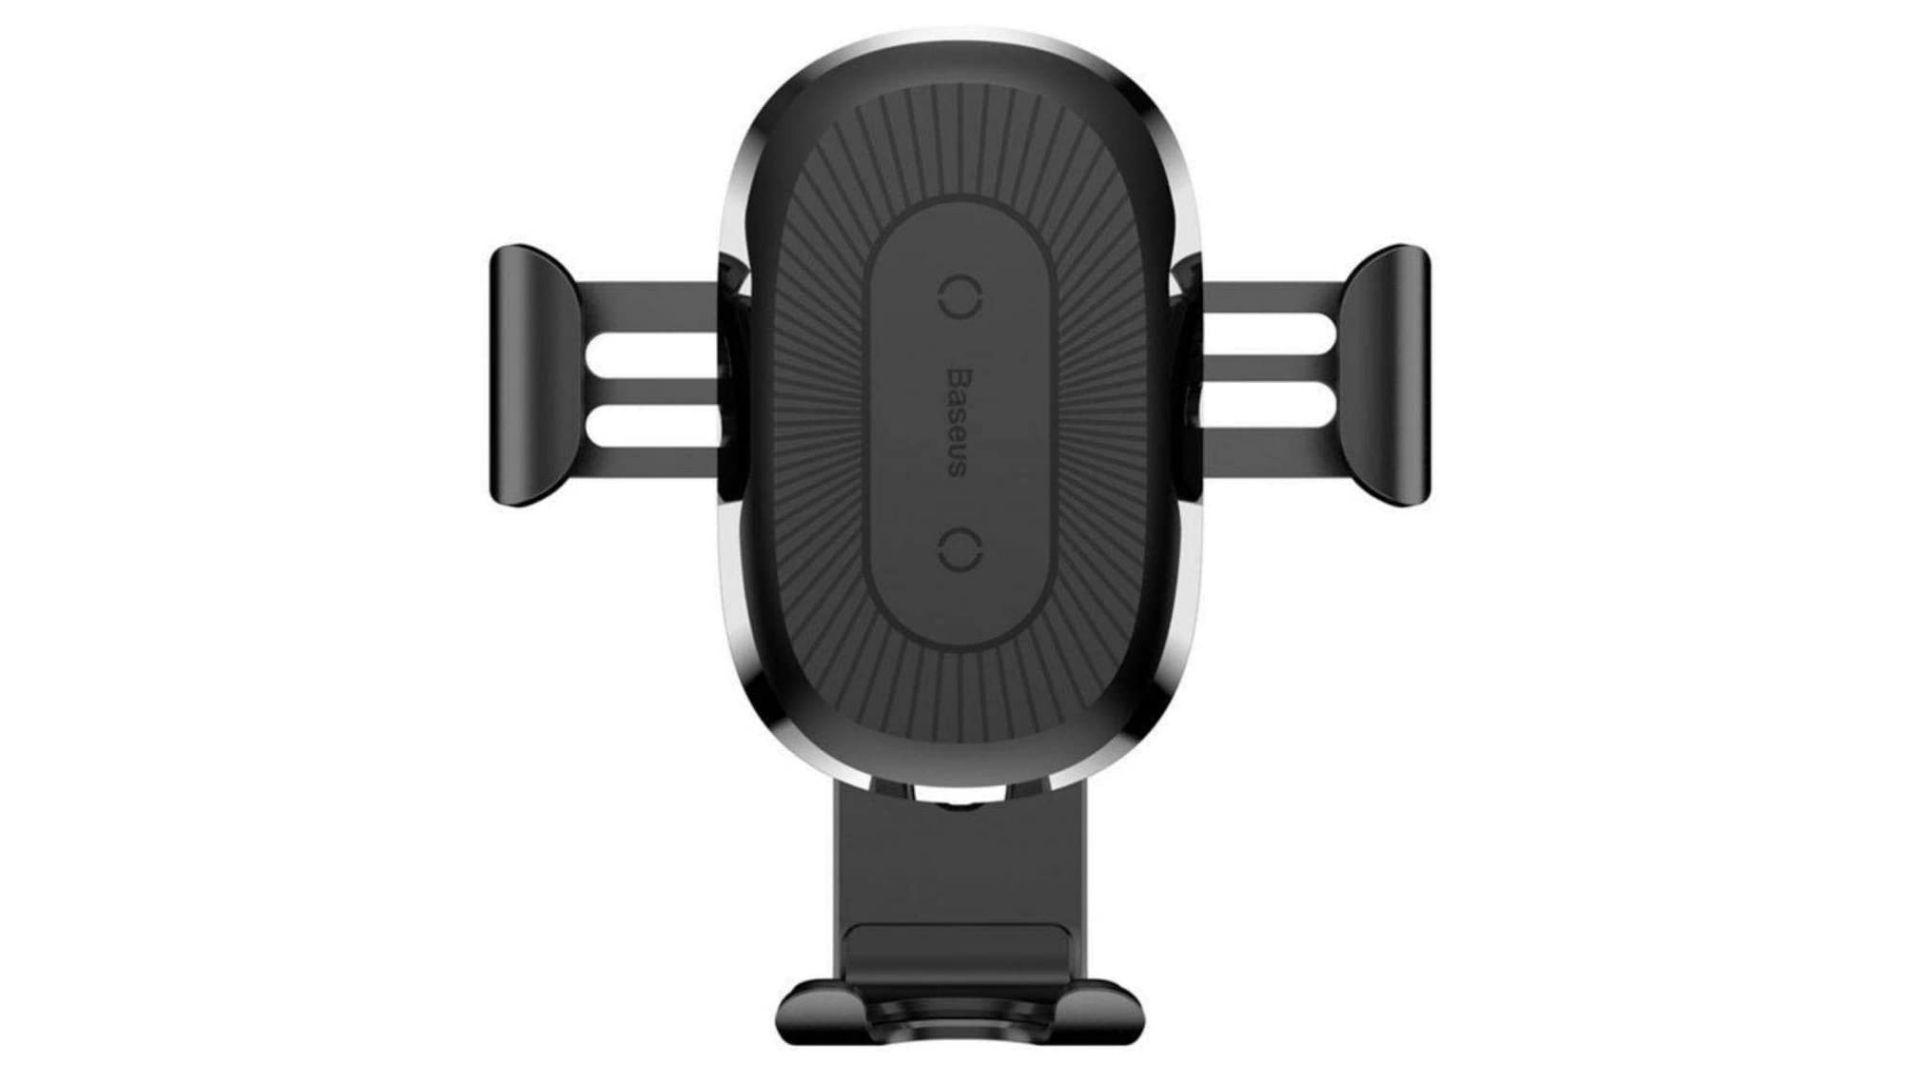 Suporte de celular para carro na cor preta em fundo branco com dizeres Baseus no meio